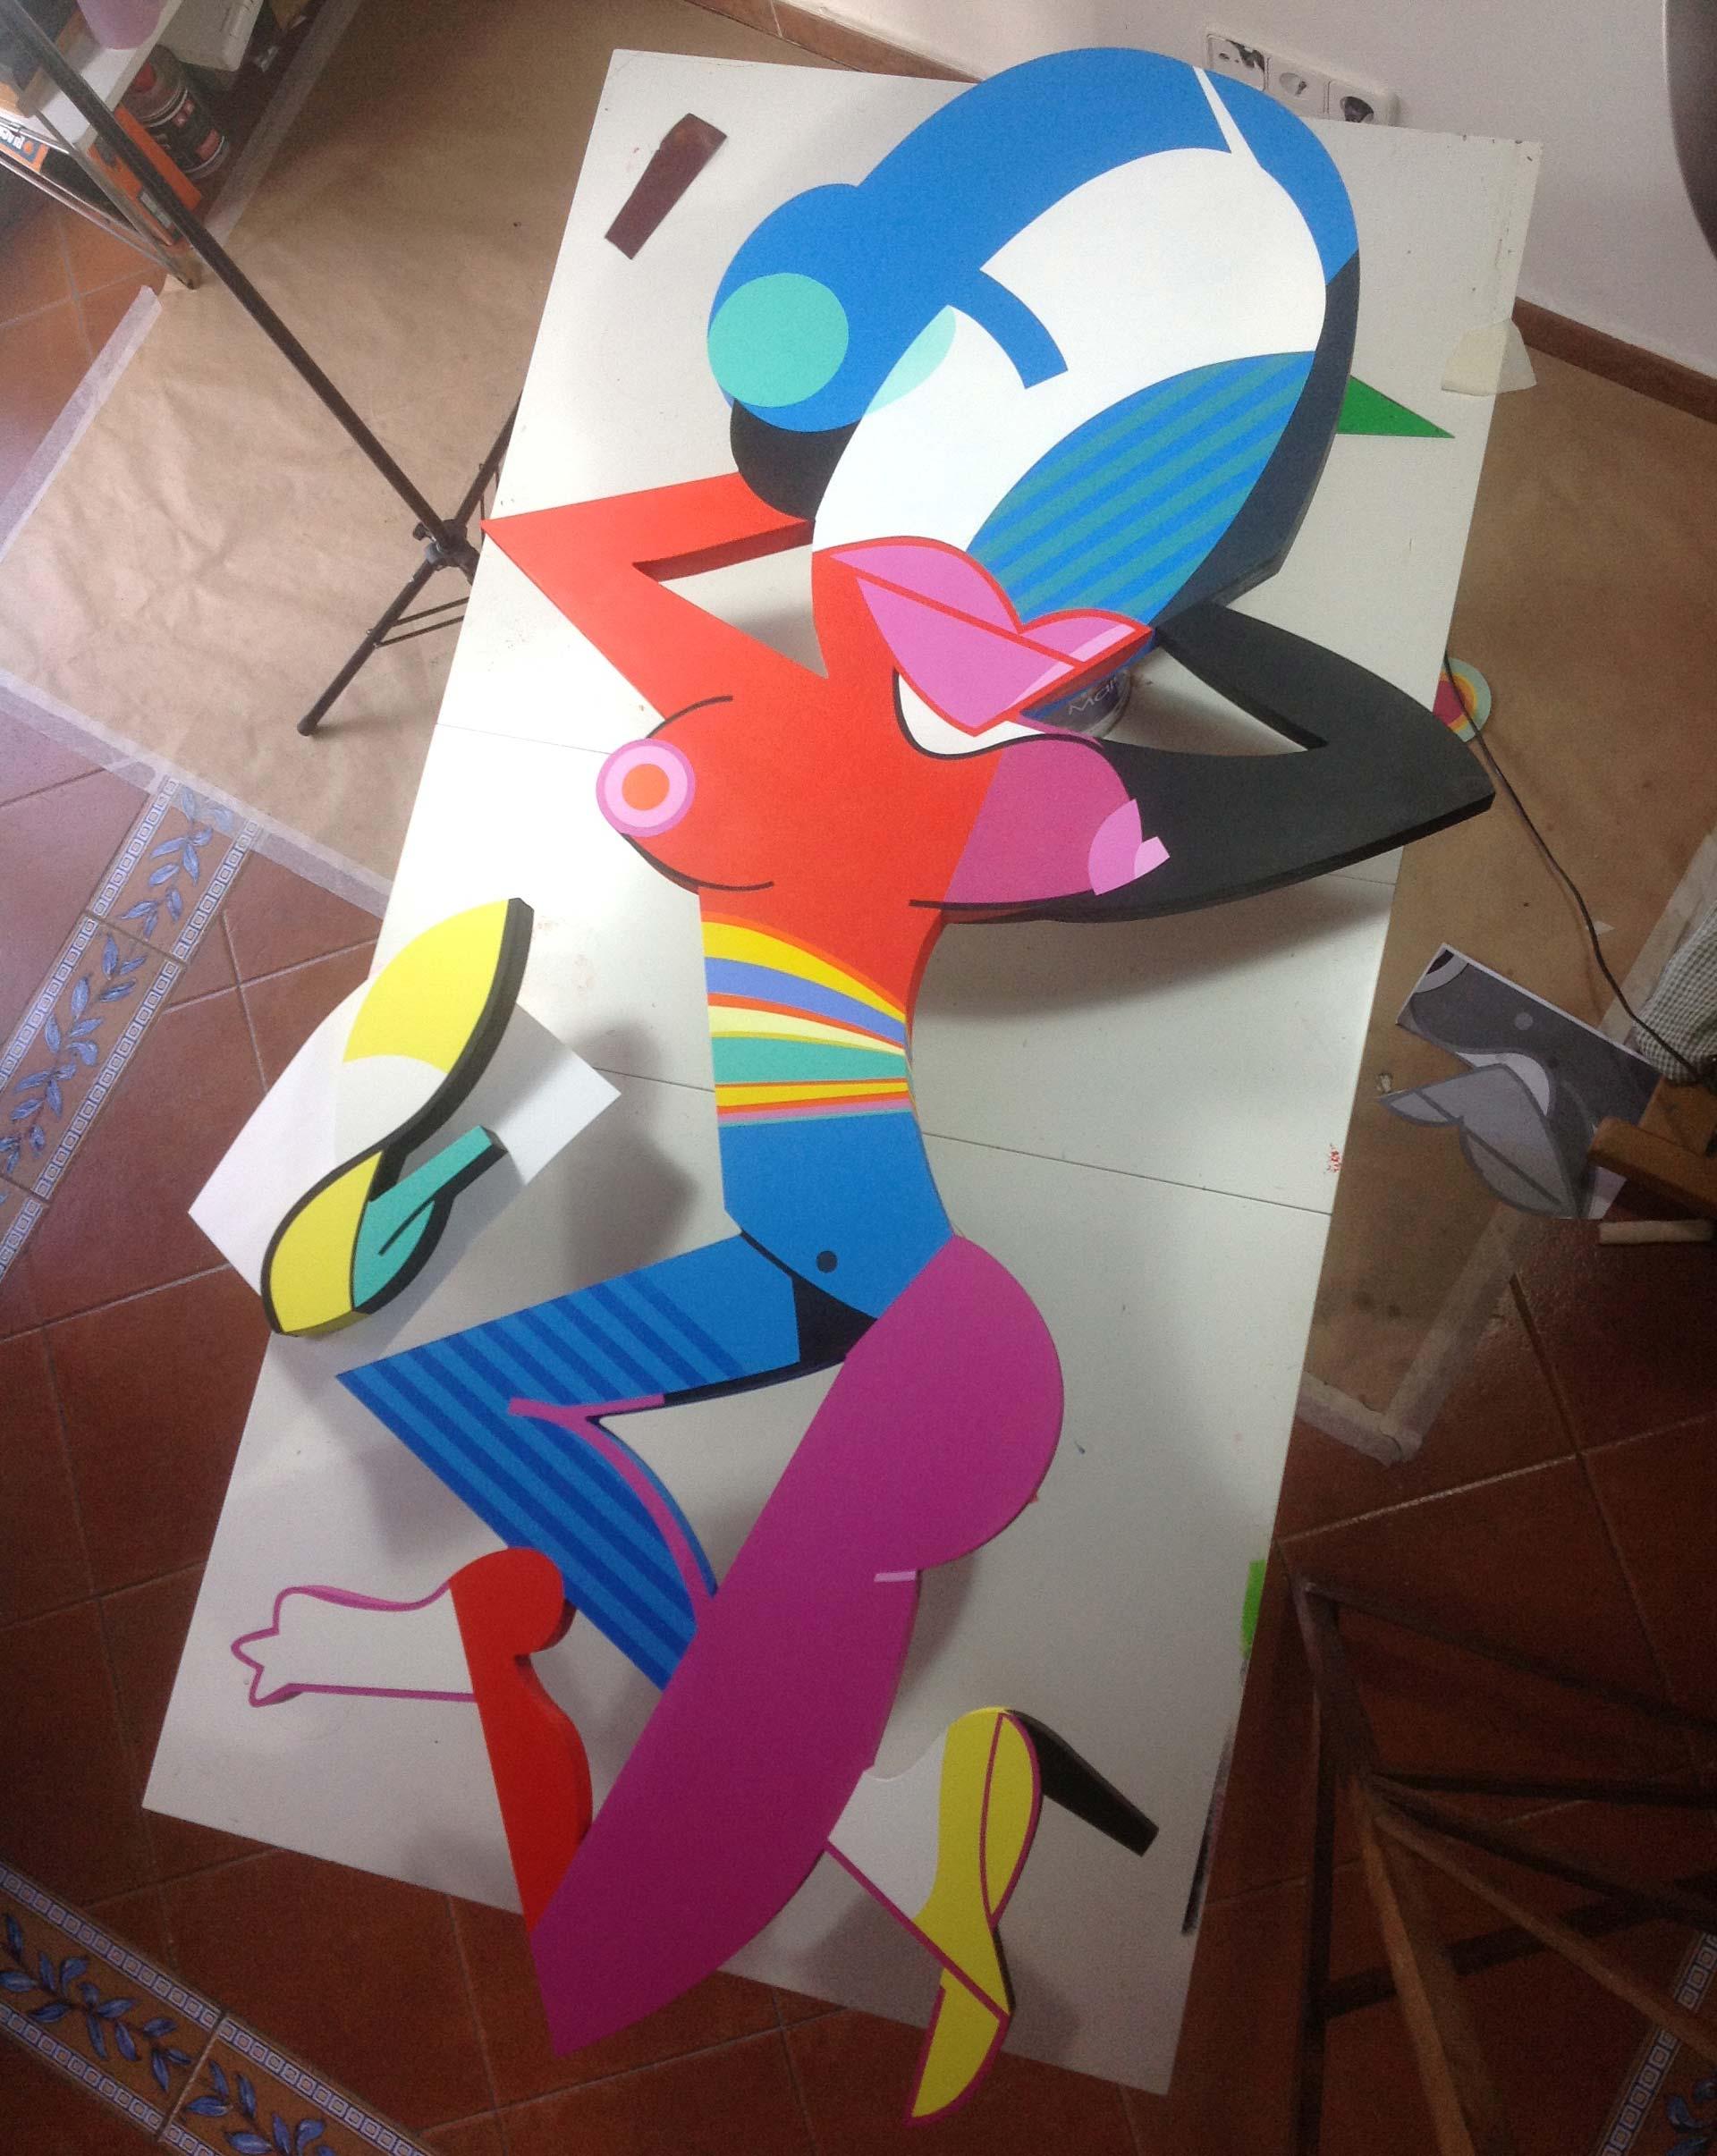 Sculpture creative process